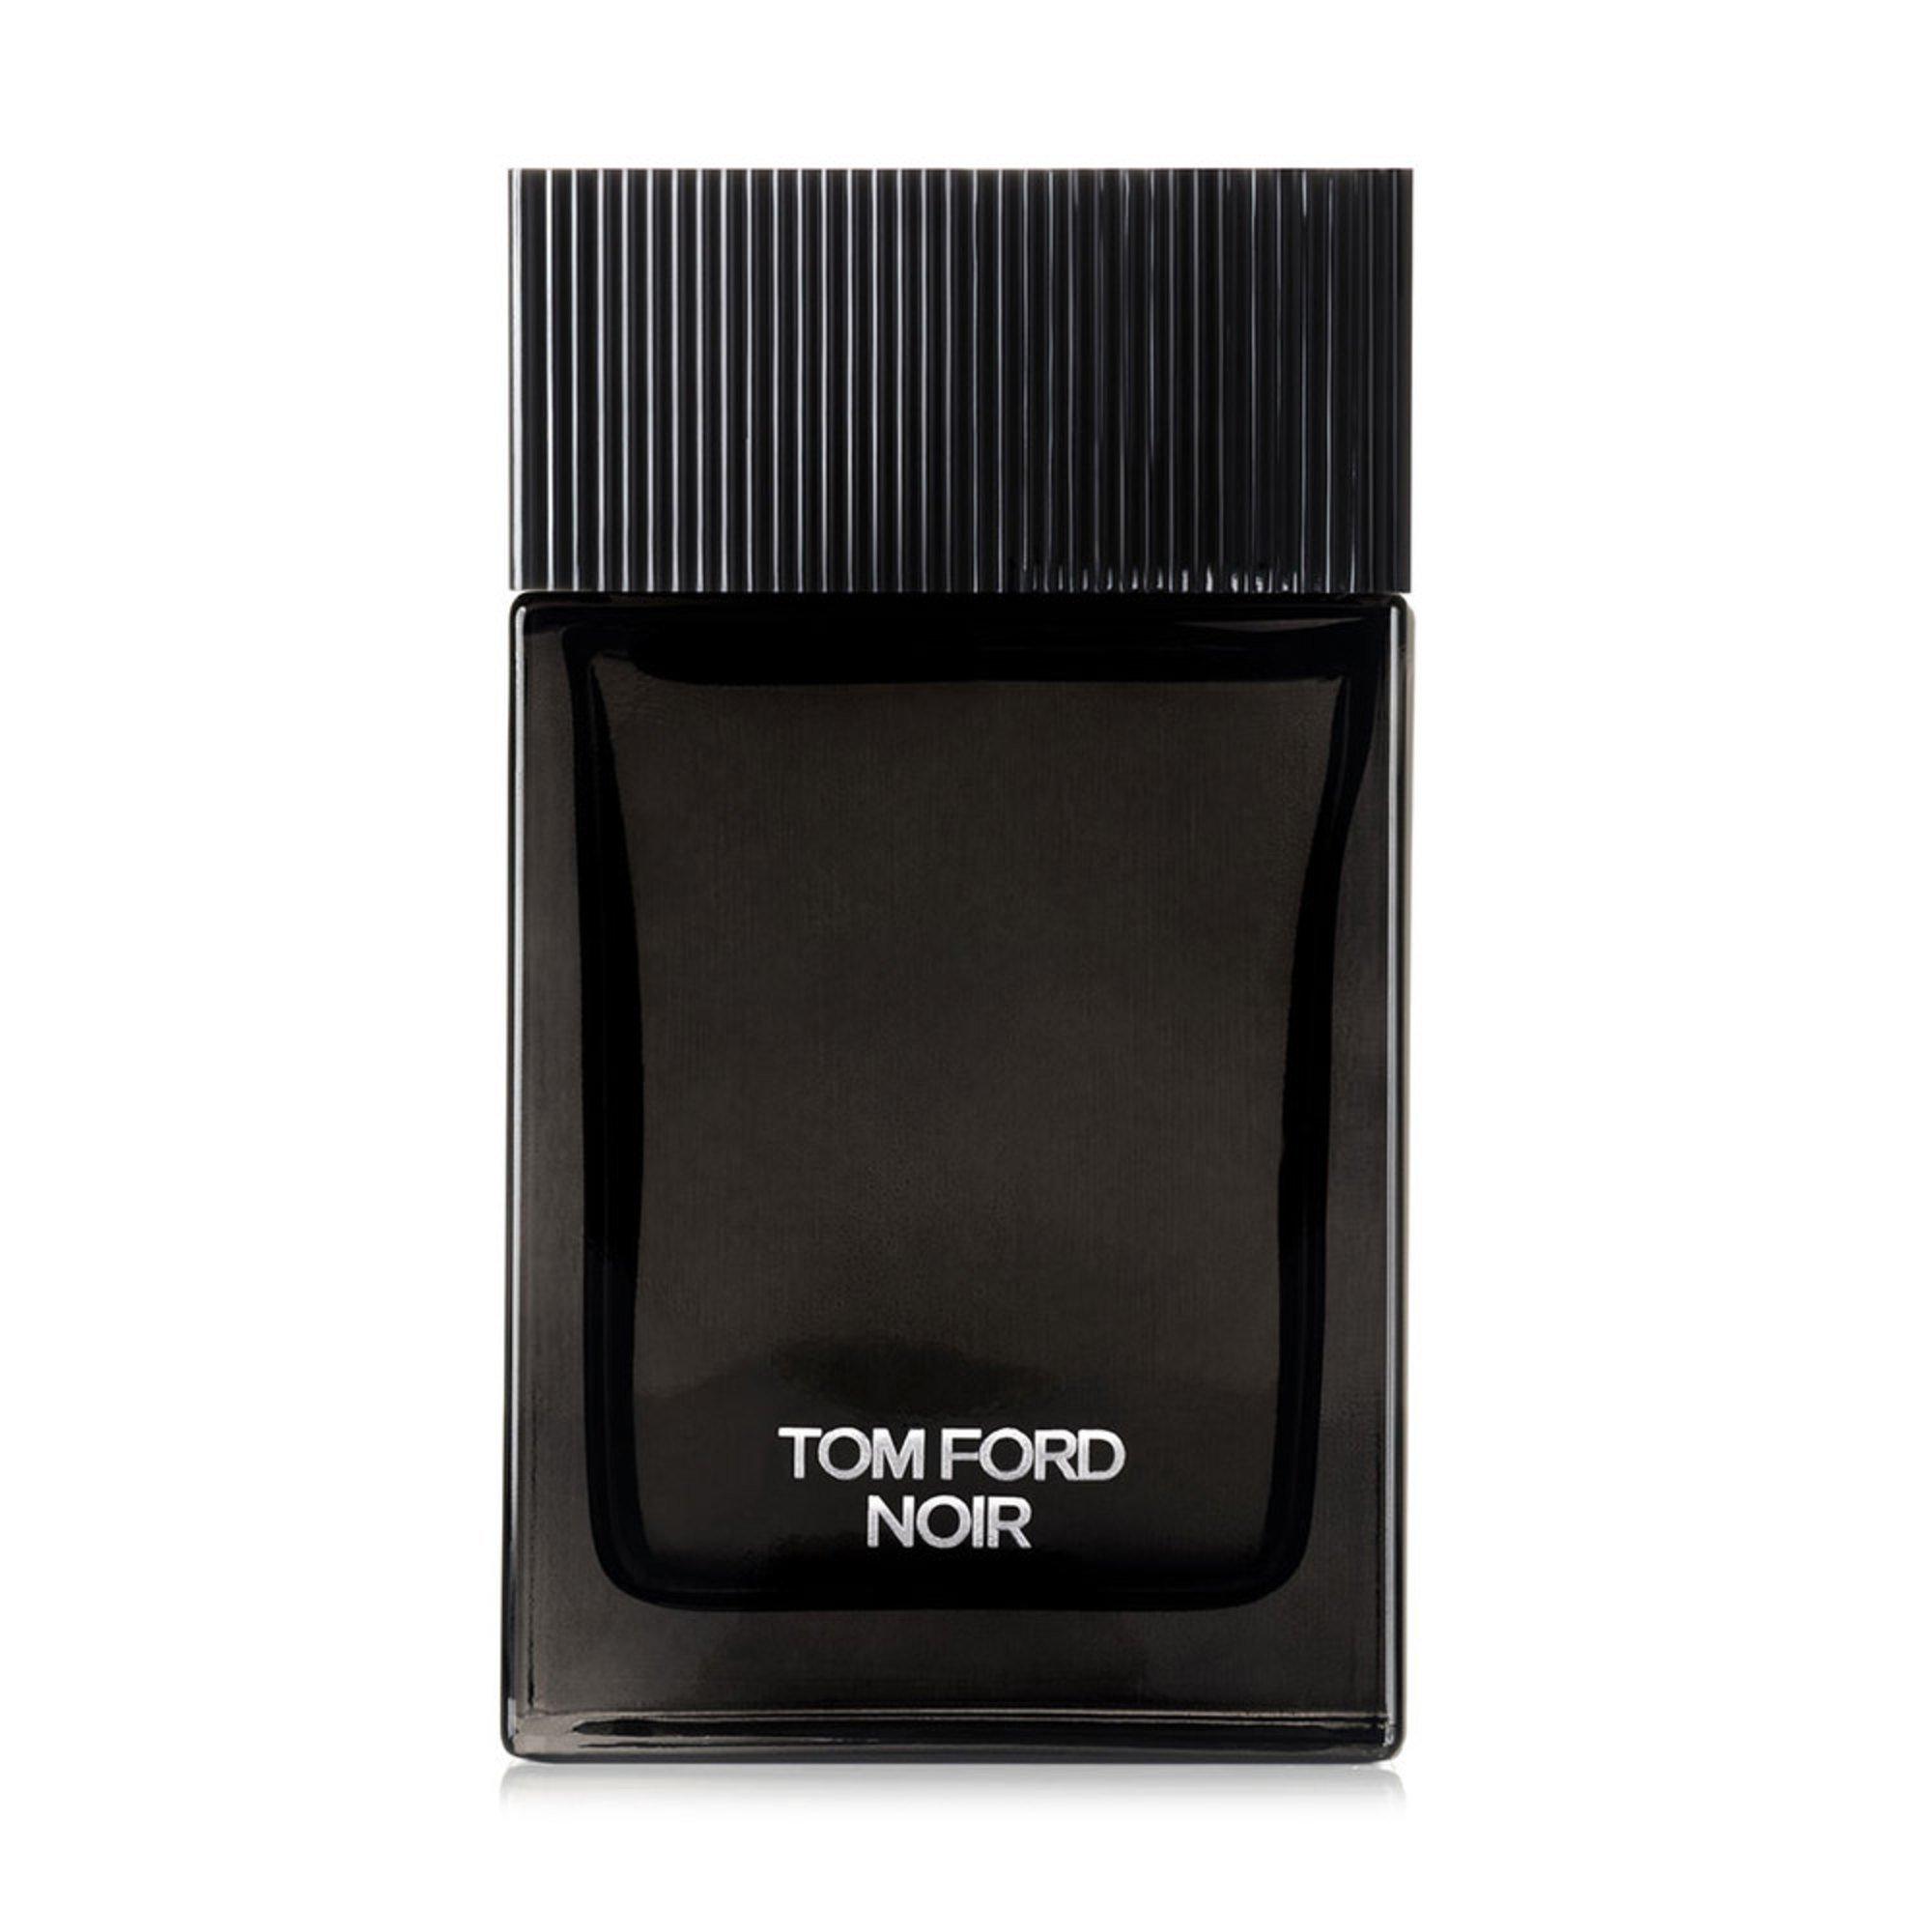 Tom Ford Noir Eau De Parfum Cologne Health Beauty Shop Your